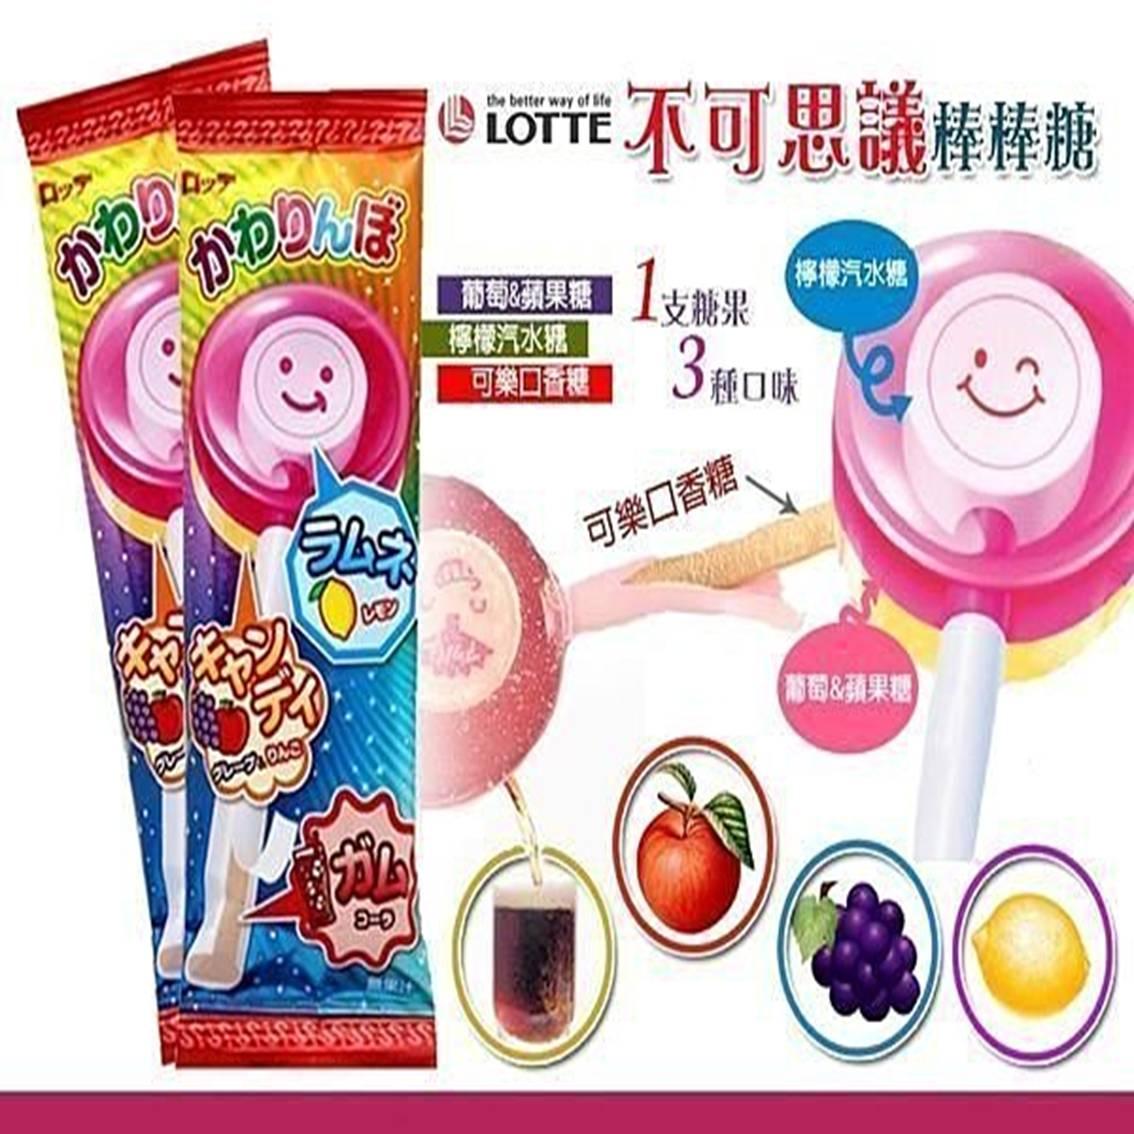 日本LOTTE 羅德 不可思議歡樂棒棒糖口香糖 (棒棒糖+口香糖) 【樂活生活館】